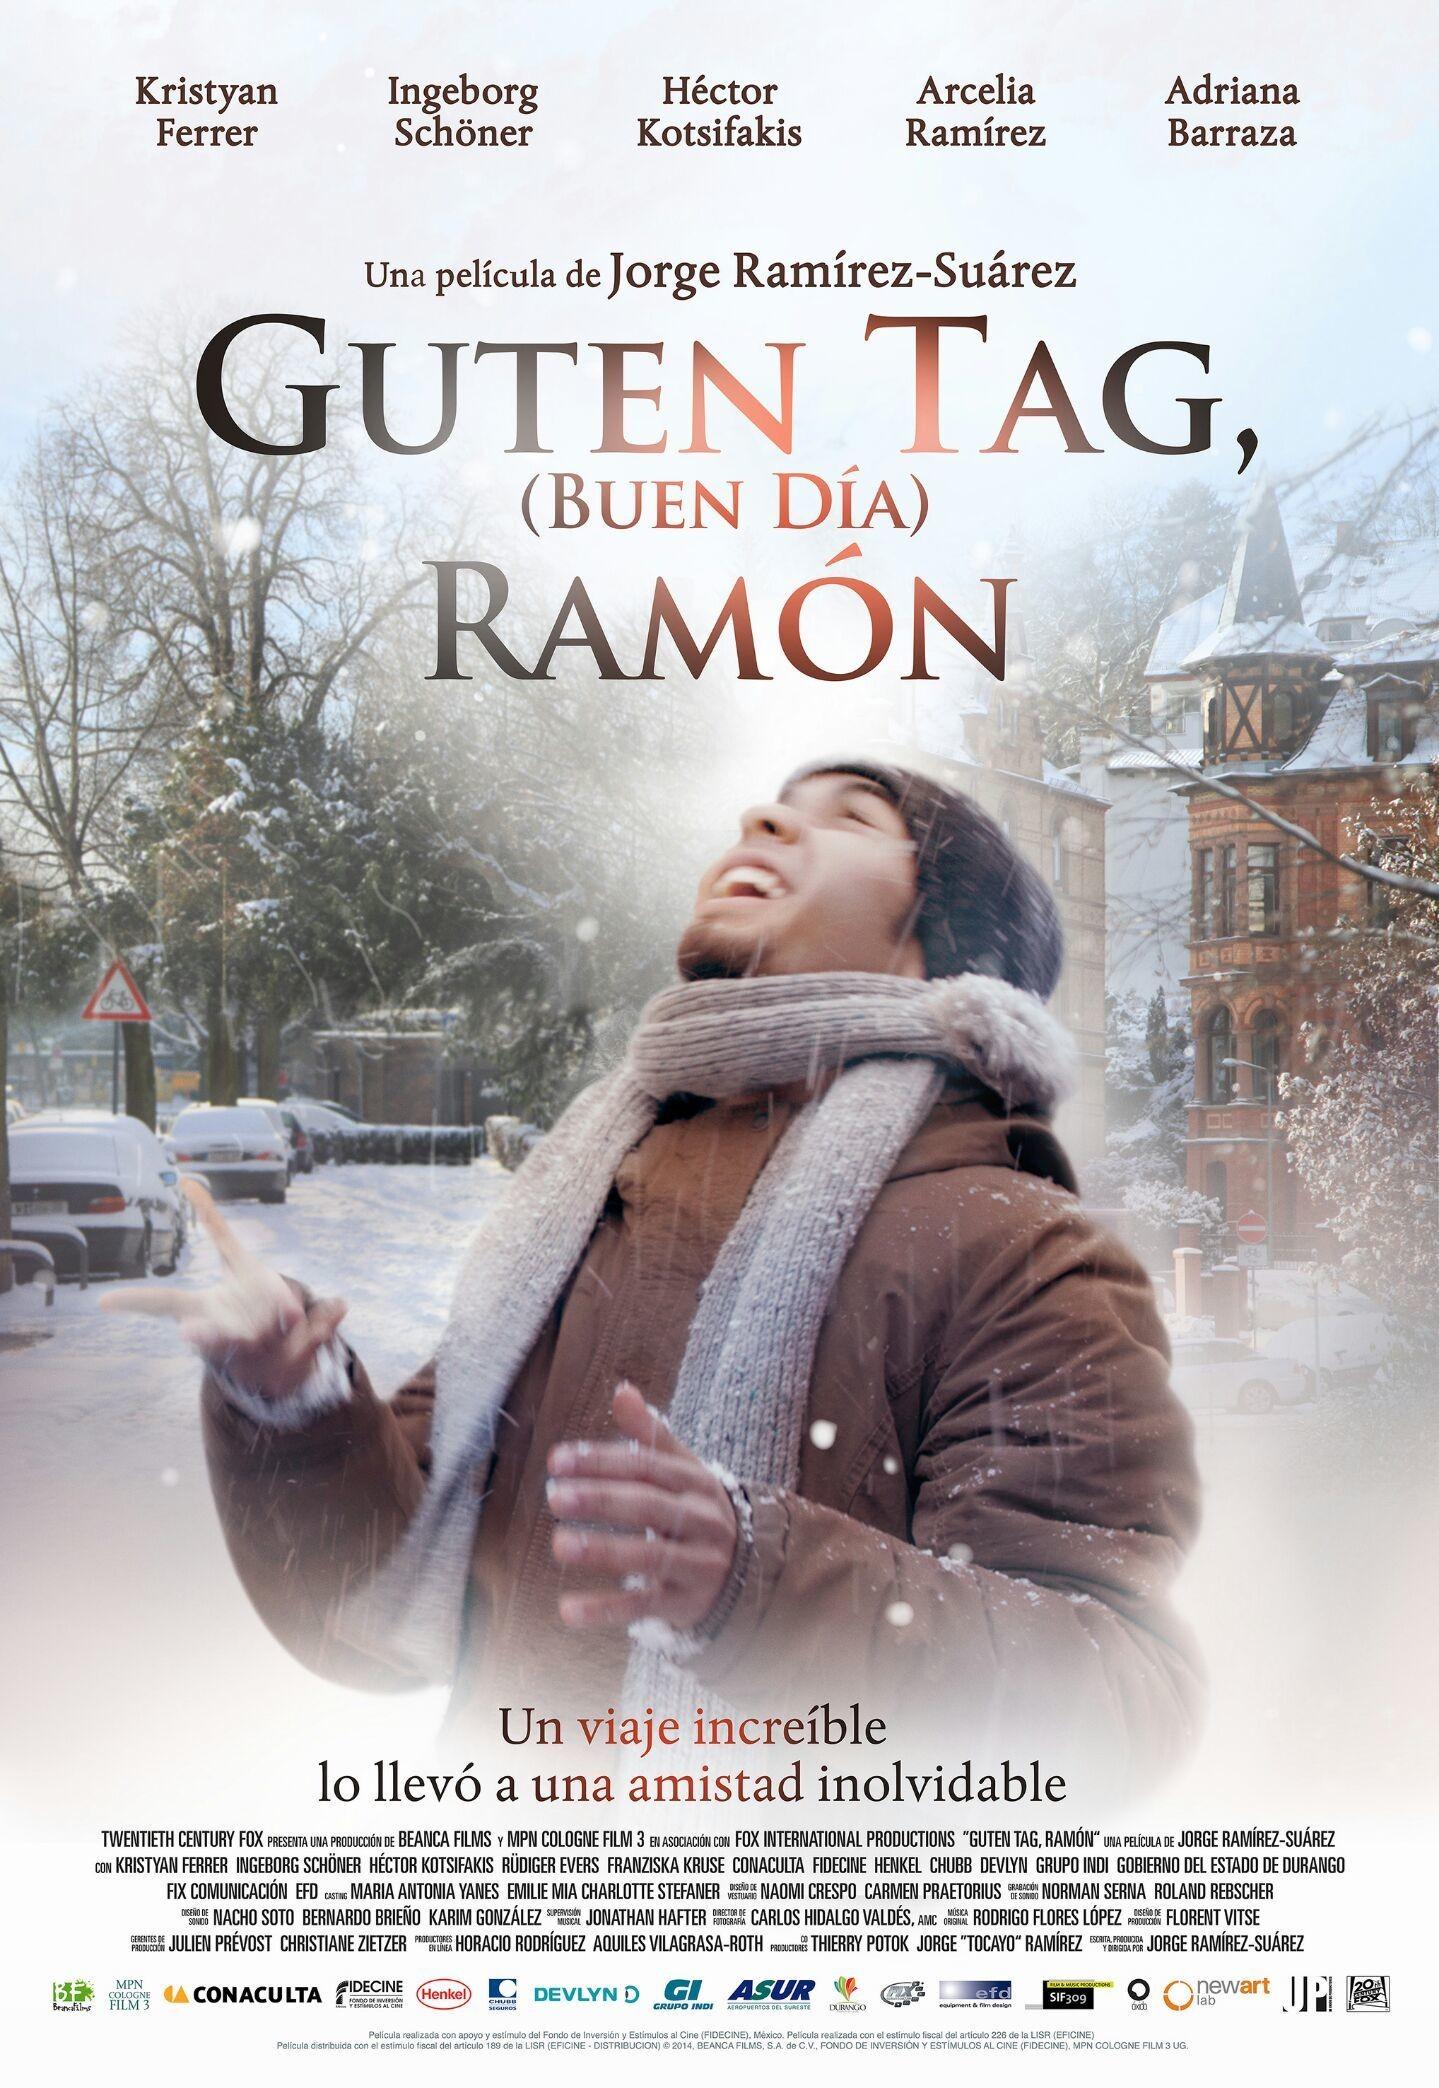 Guten Tag Ramón, Filmada en Durango México y en Wiesbaden y Fráncfort Alemania